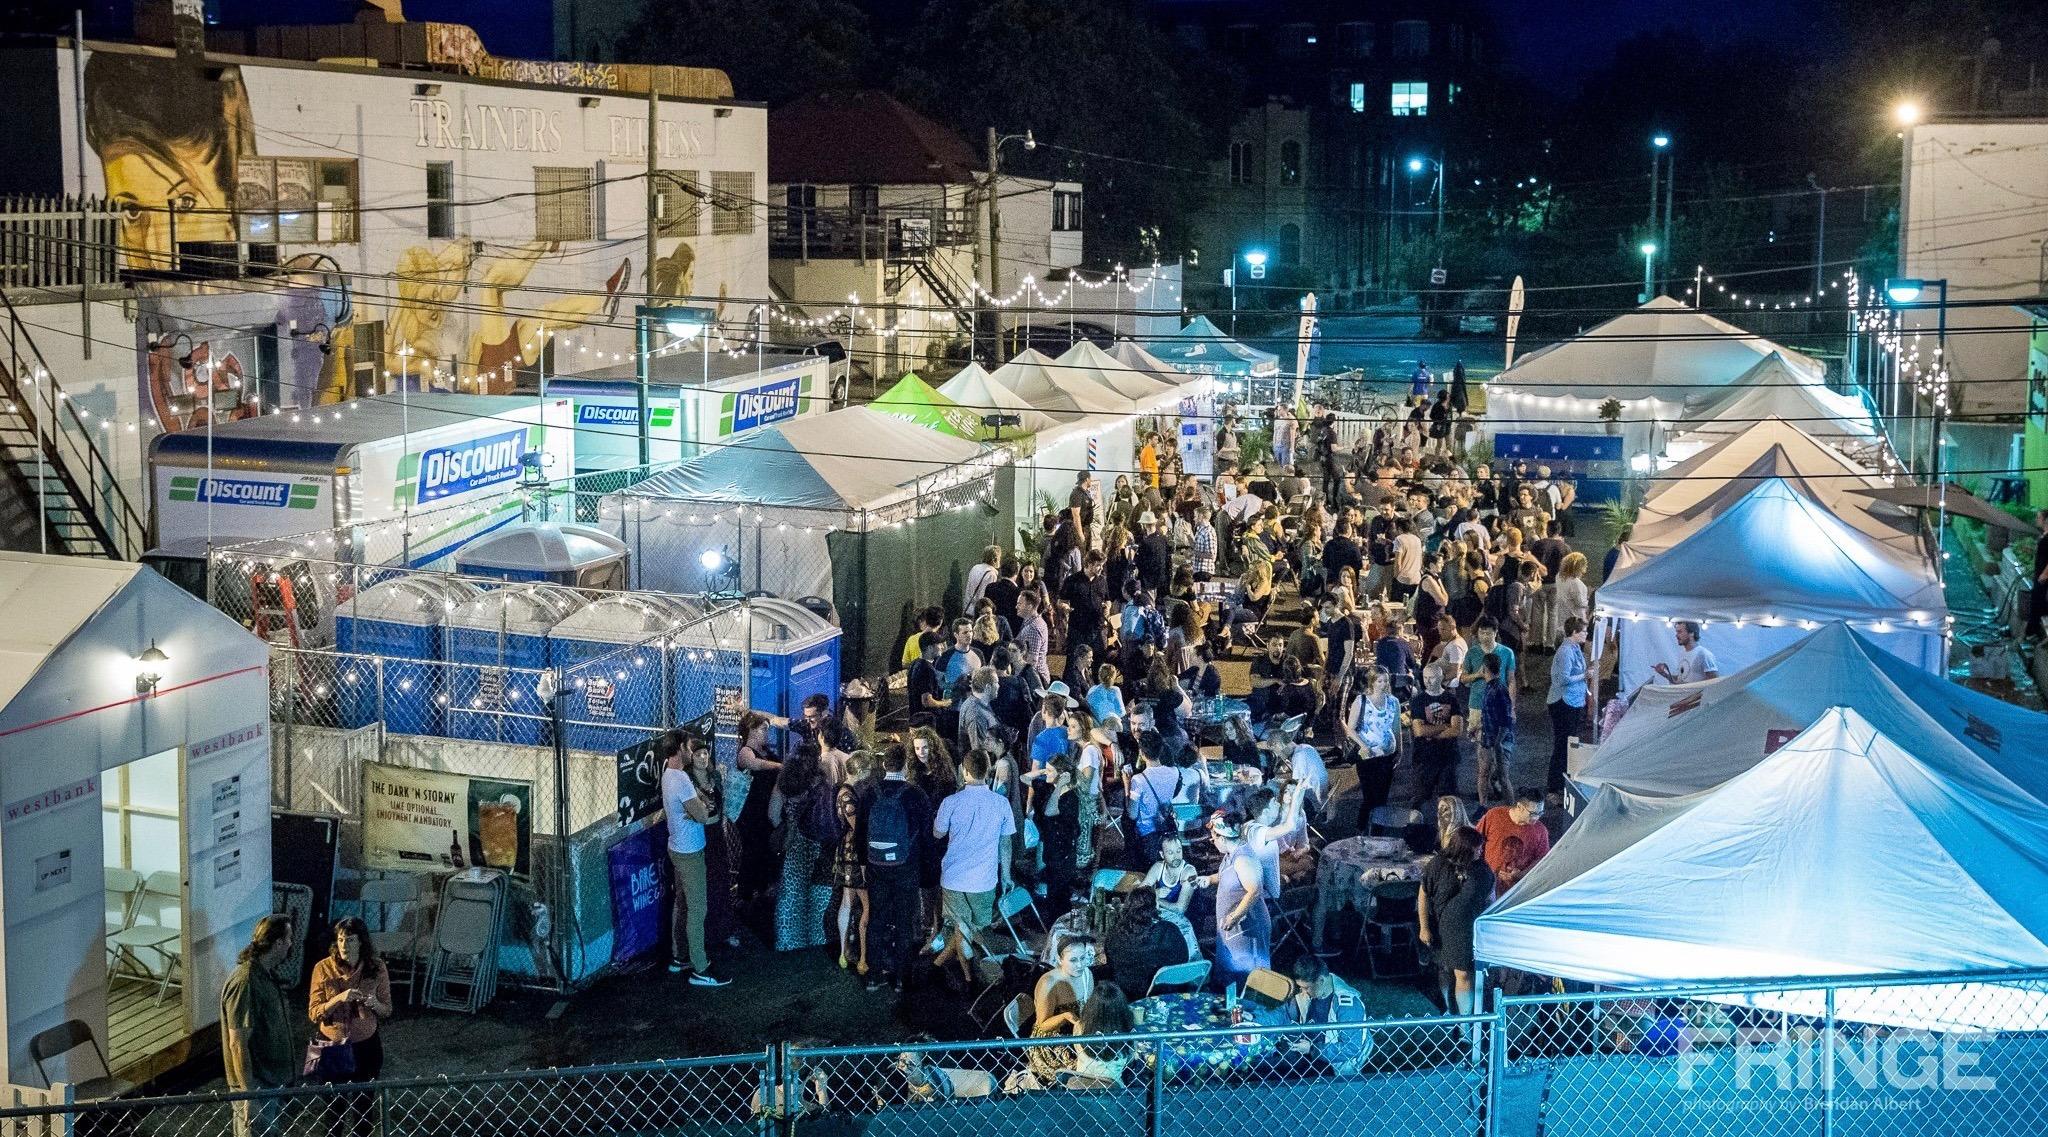 Fringe festival 1